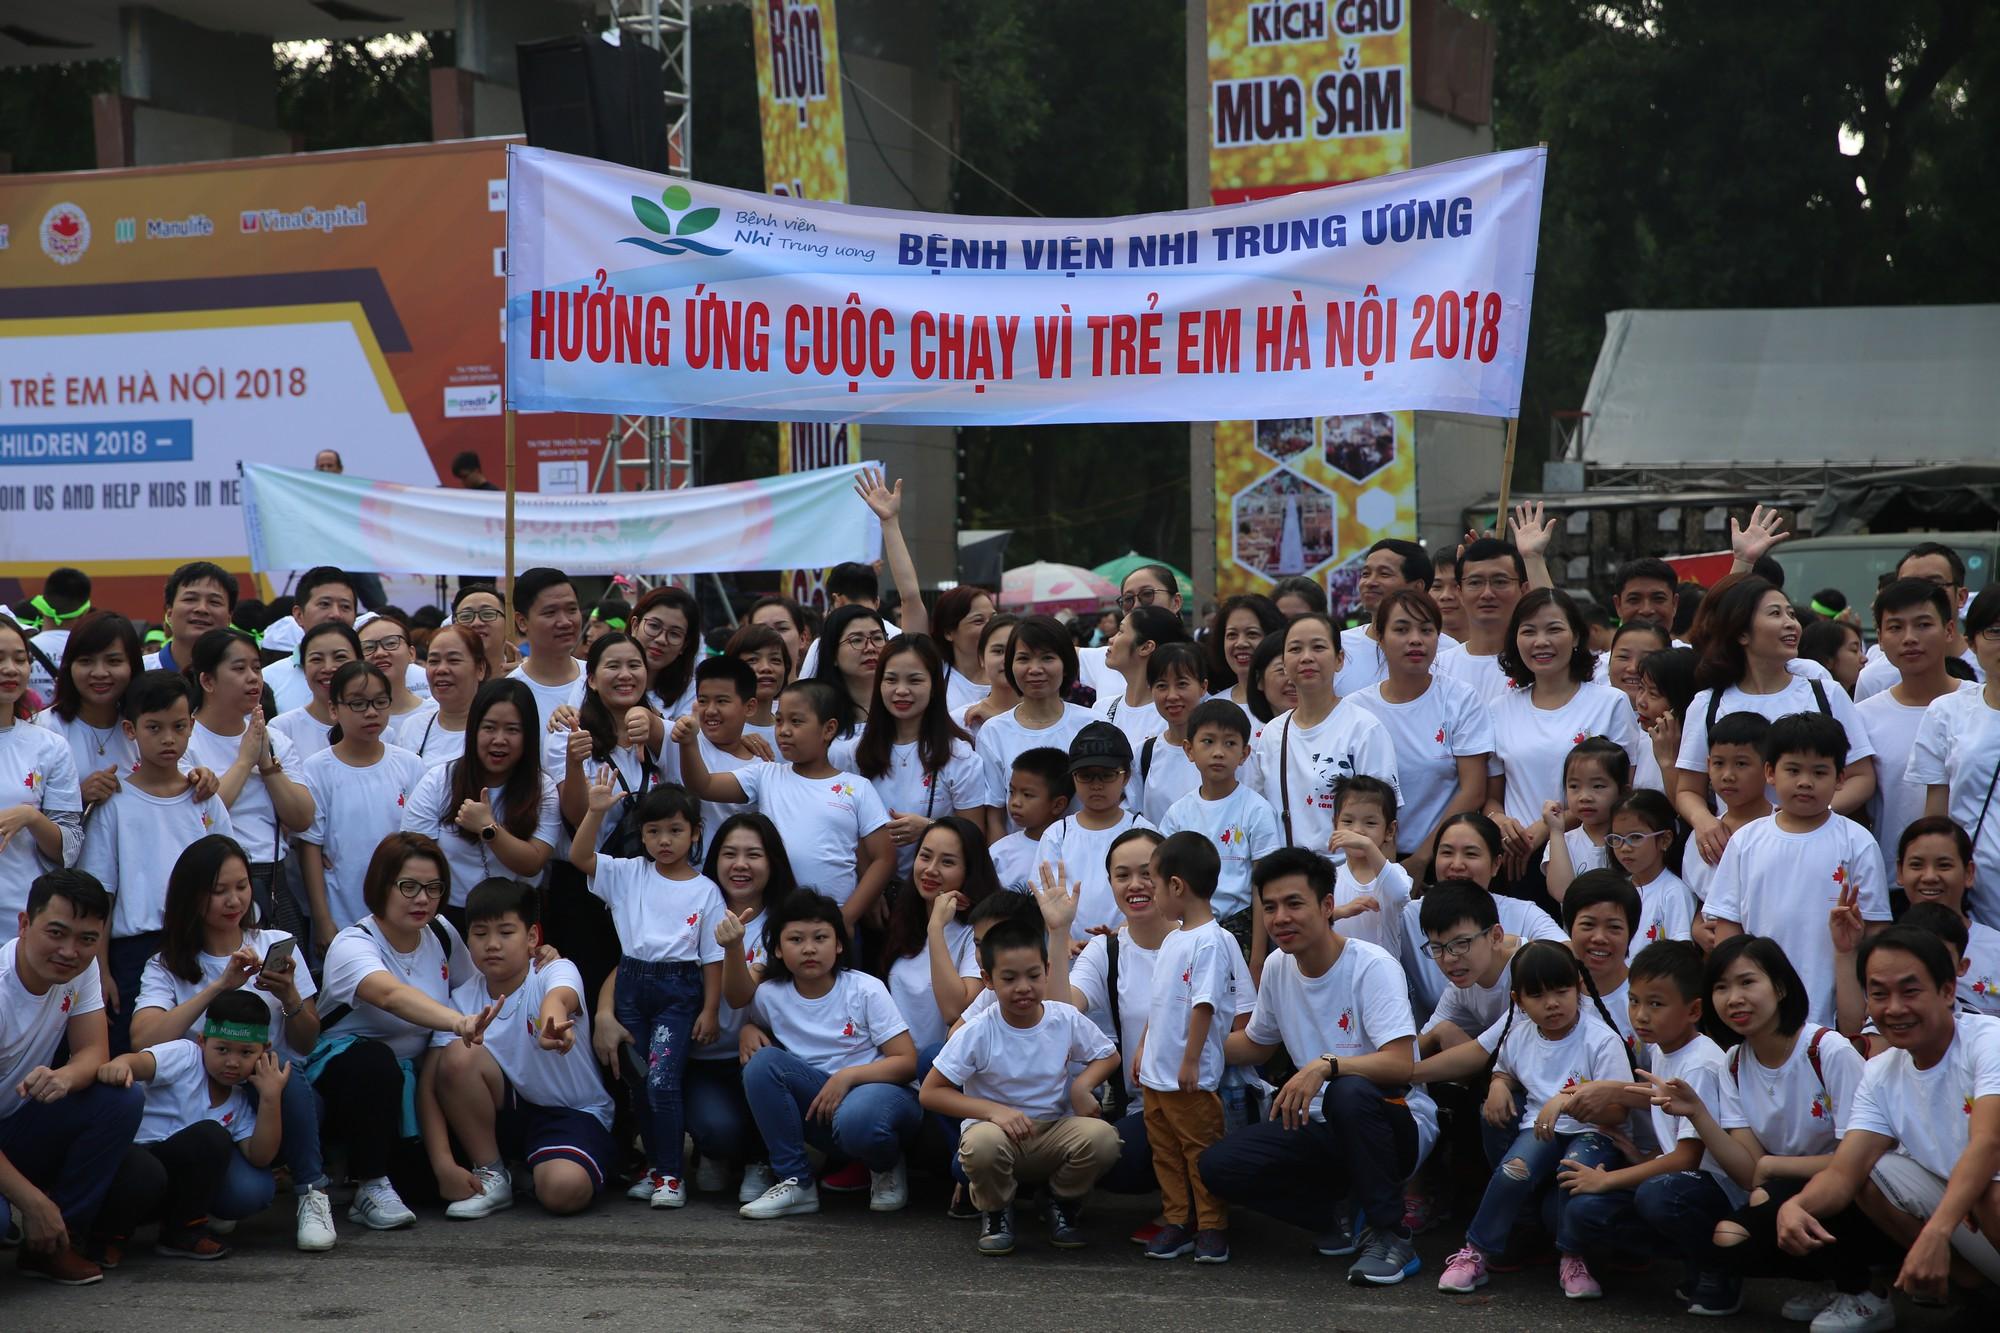 Chạy vì trẻ em Hà Nội 2018 thu hút hàng nghìn người tham dự, quyên góp hơn 1 tỷ đồng - Ảnh 1.